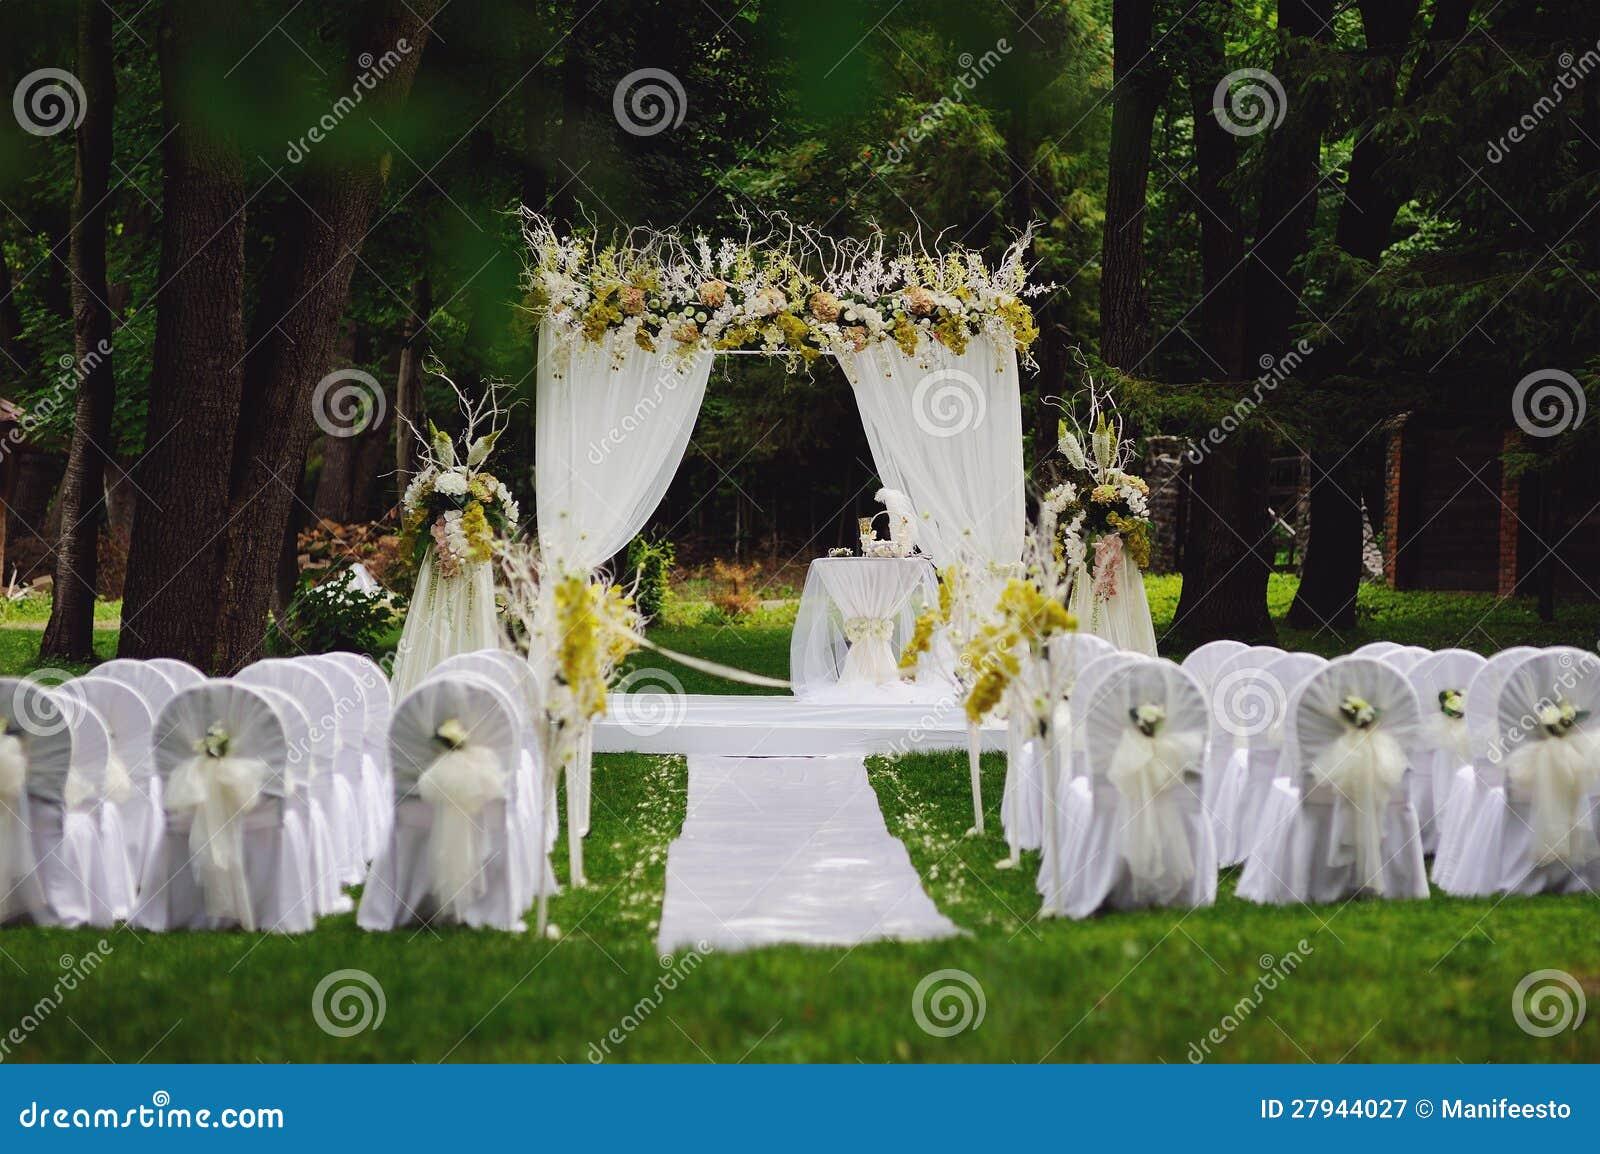 Ceremonia de boda en jard n fotograf a de archivo libre de for Bodas sencillas en jardin